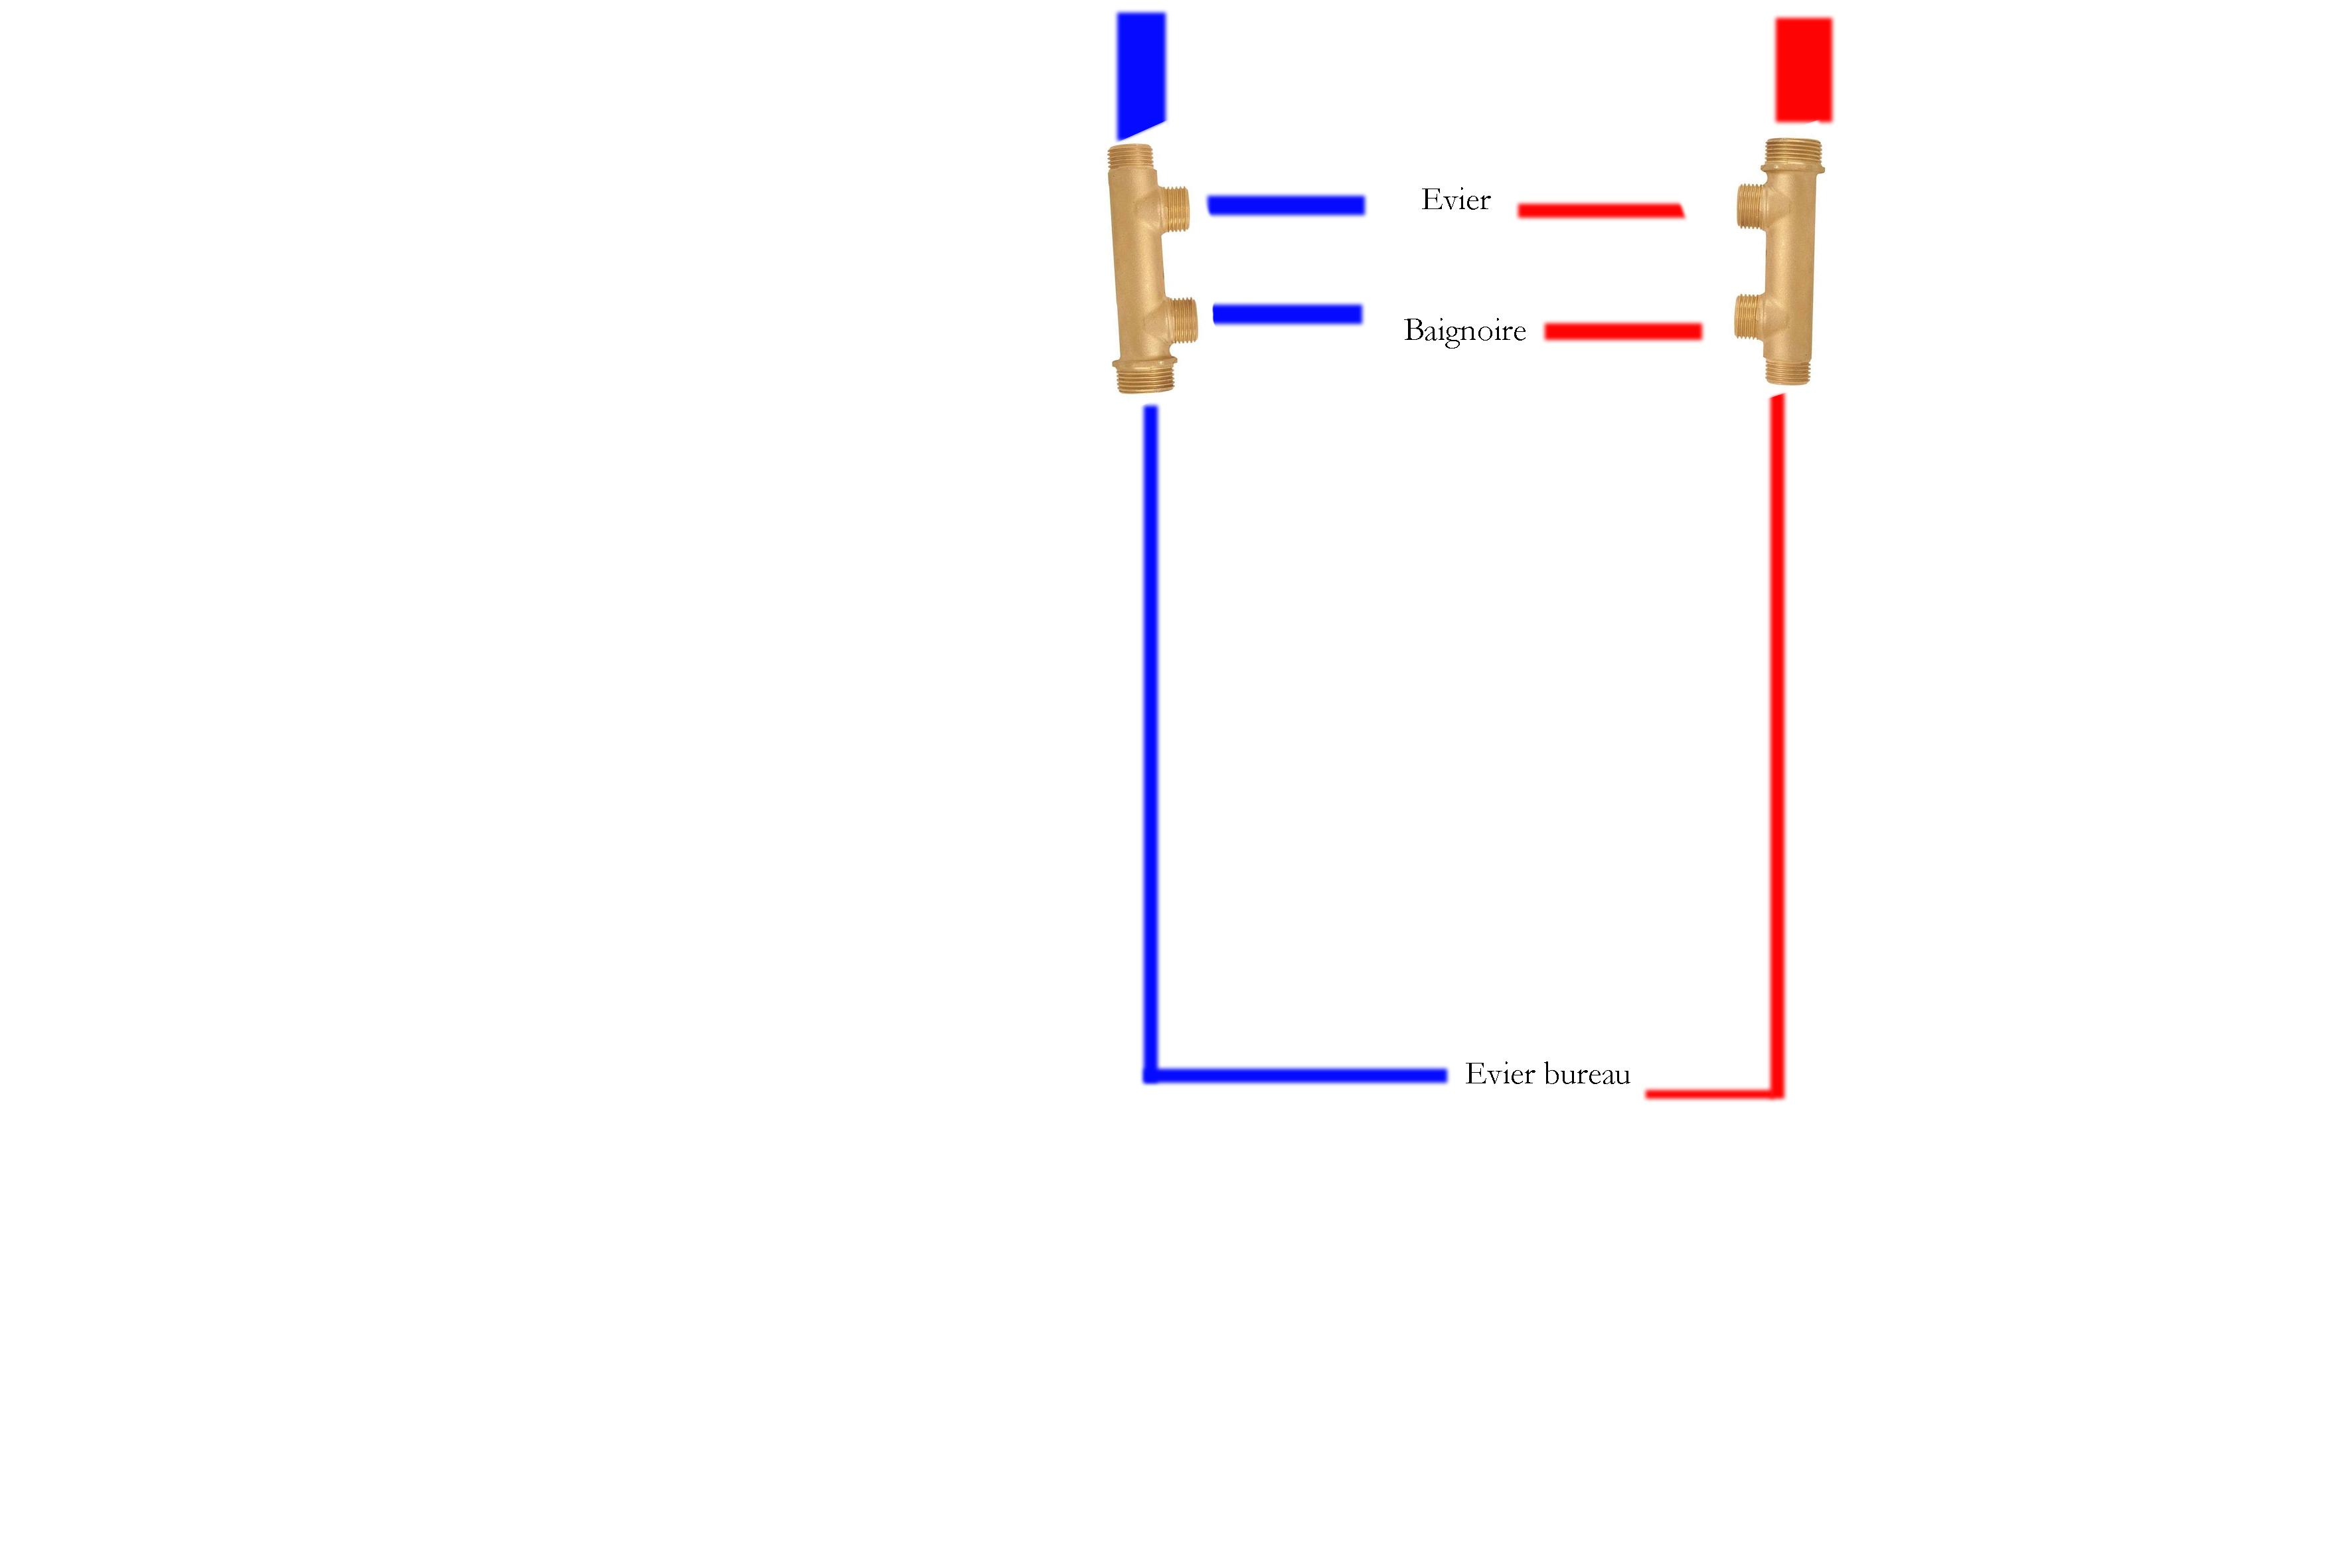 3ème étage per copie.jpg, 713.53 kb, 3543 x 2362